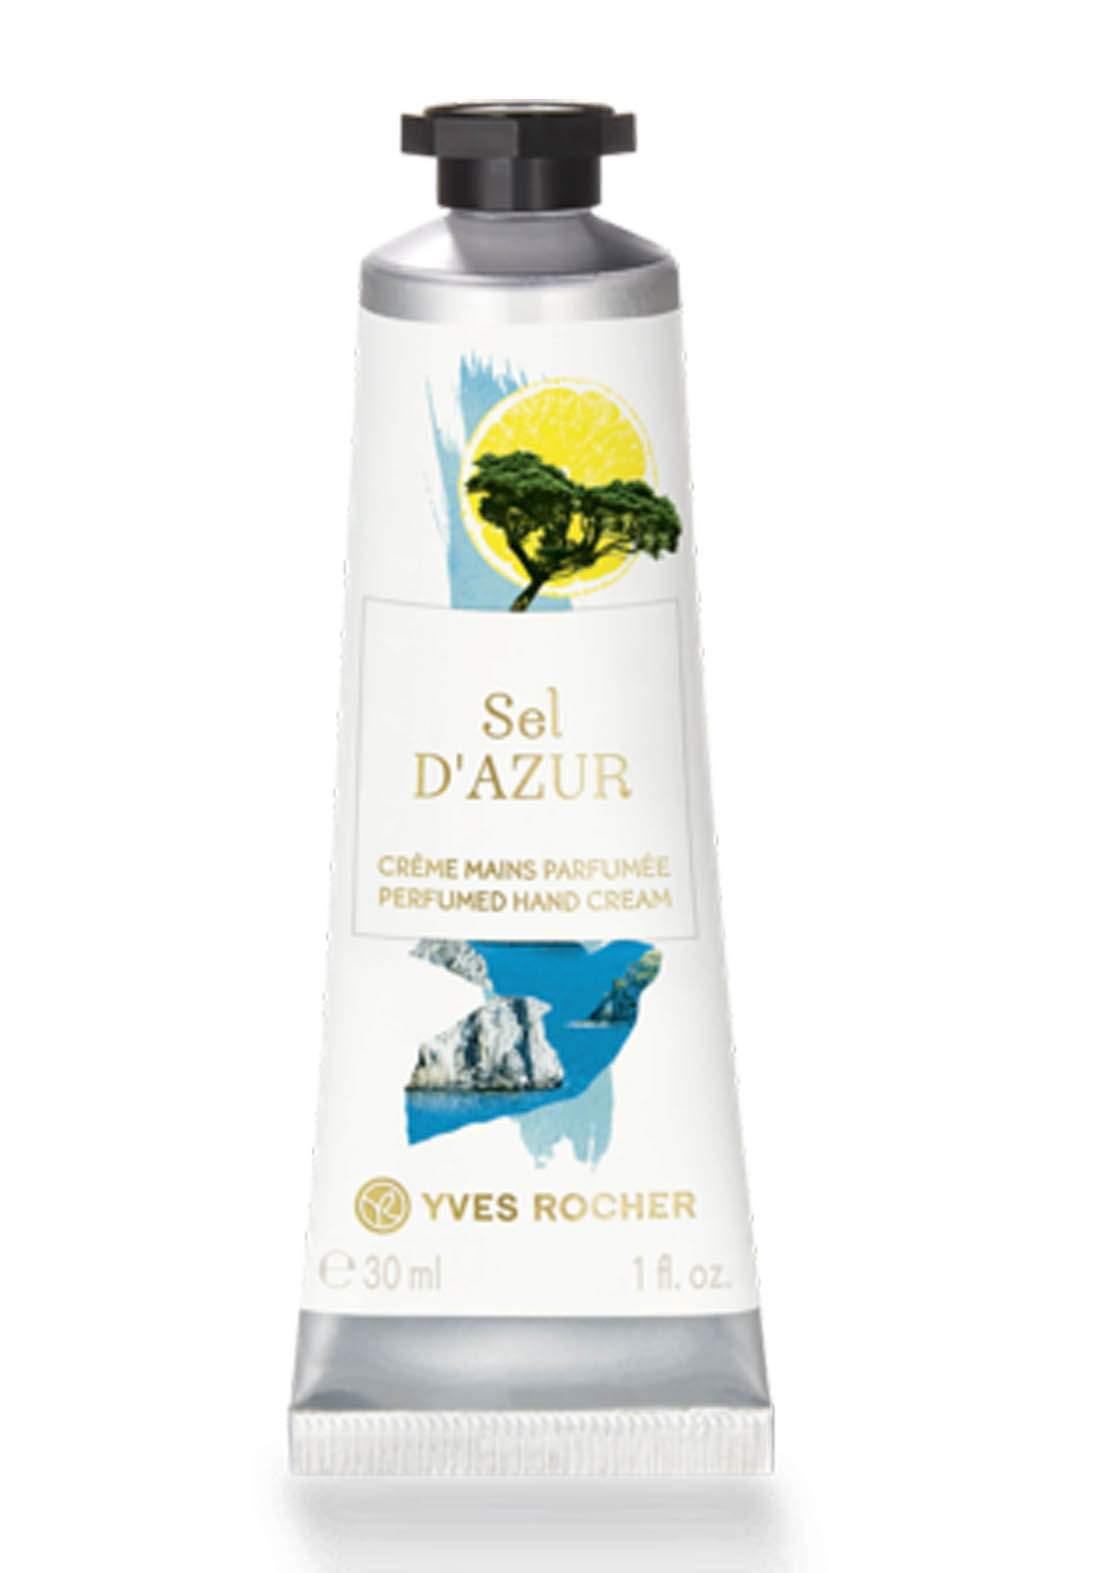 Yves Rocher 63193 Sel d'Azur Perfumed Hand Cream كريم لليدين